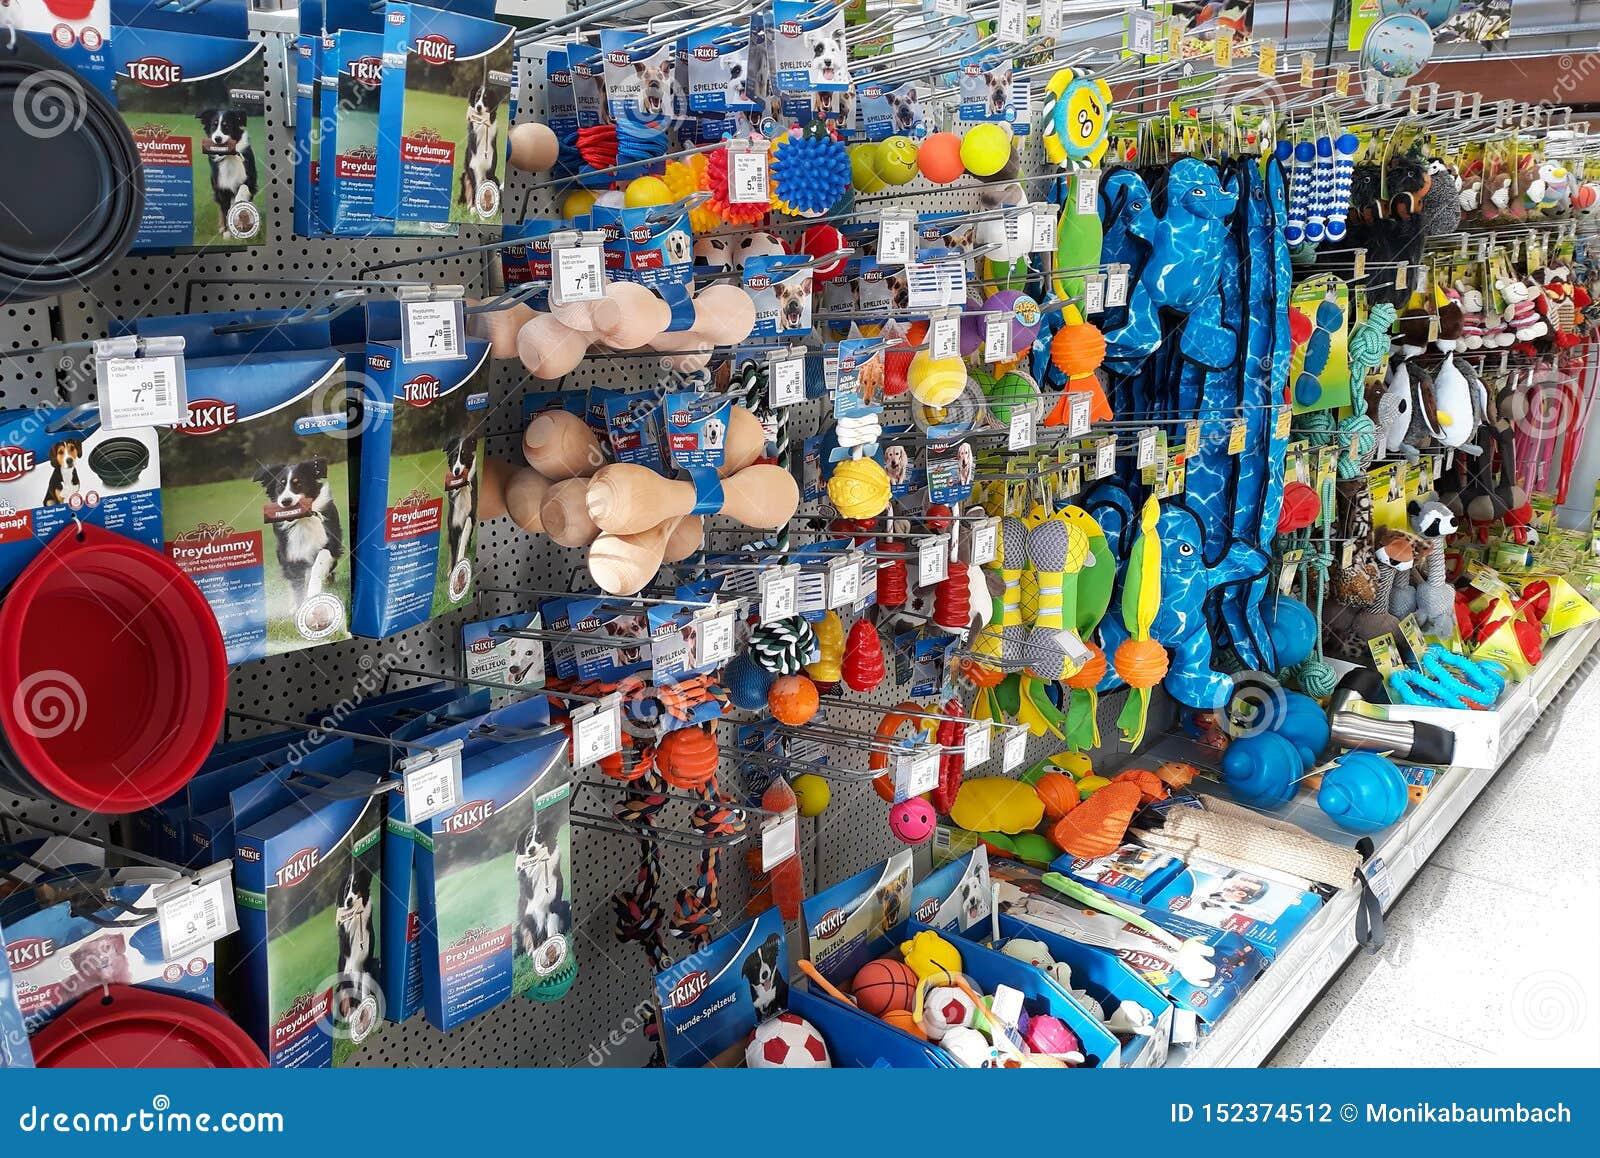 Розничная стойка с разными видами игрушек собаки как манекен, шарик или плюш в отделе зоомагазина